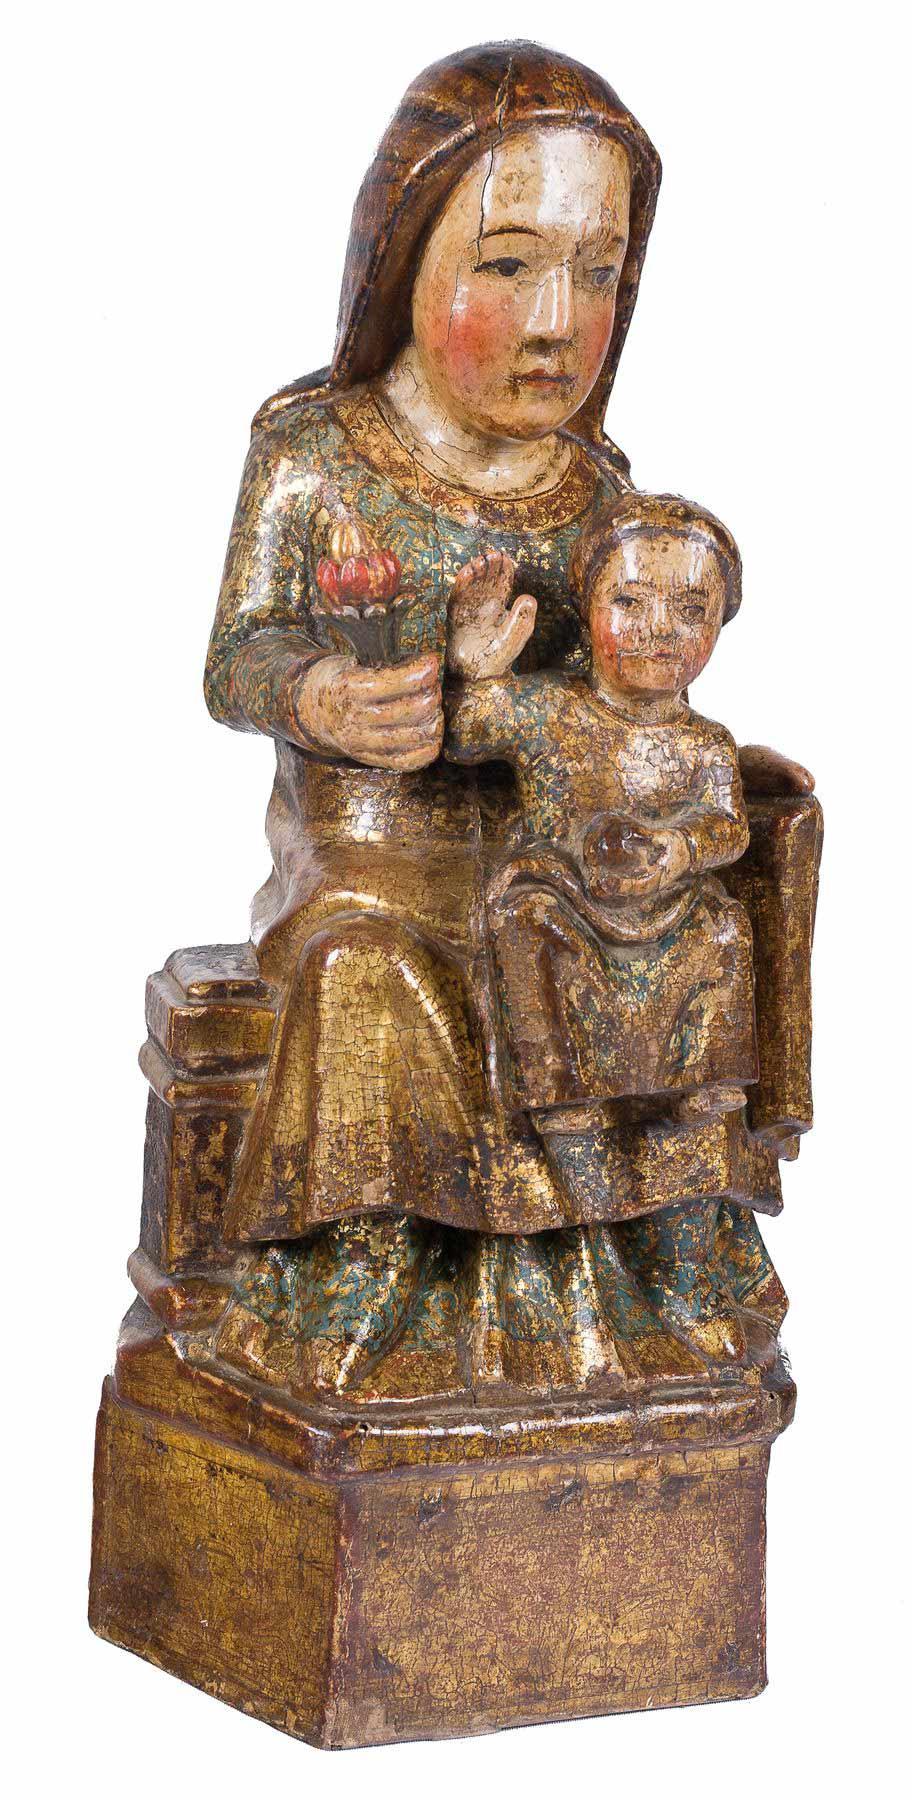 156-Virgen-en-Majestad-Sedes-Sapientiae.-Escultura-en-madera-tallada,-y-policromada.-Siglo-XIII.01